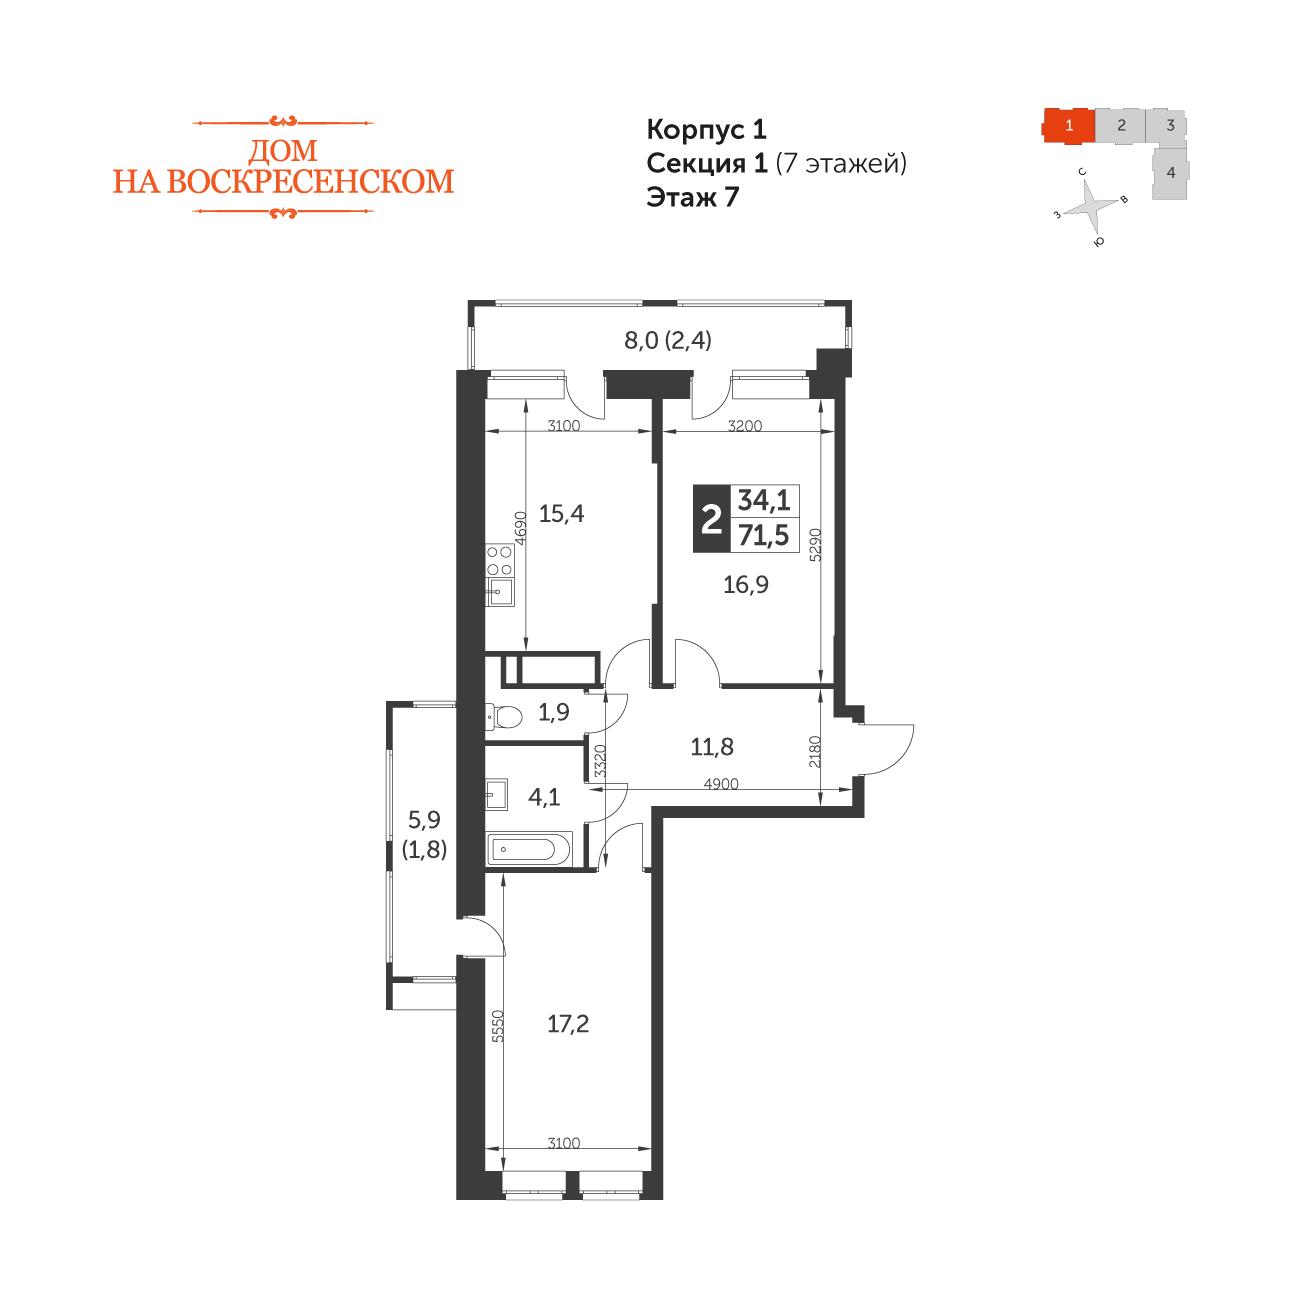 2-комнатная квартира, 71.5м² за 5,6 млн руб.